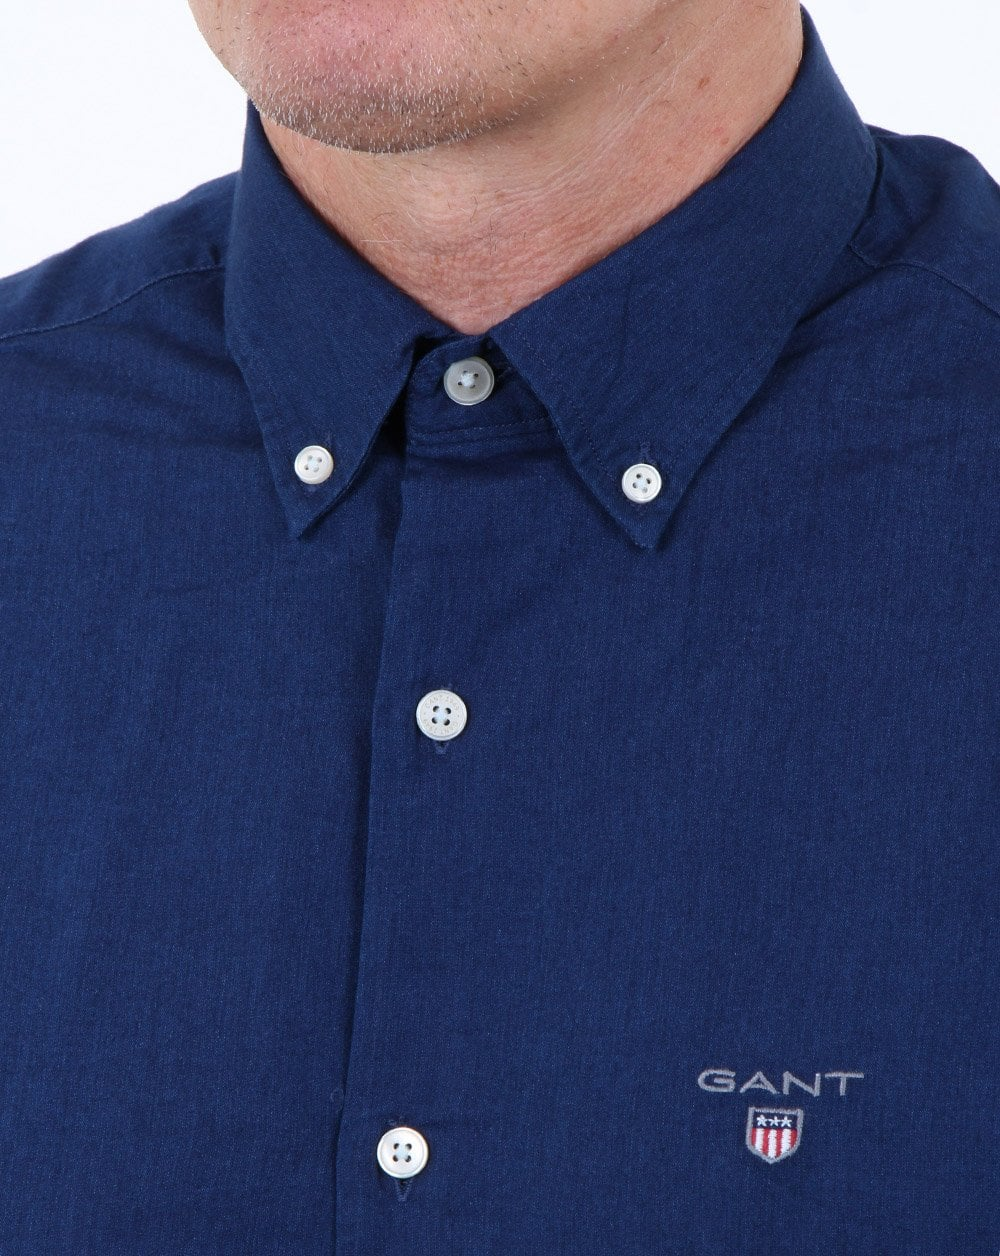 50d81d07afb Gant Indigo Solid Button Down Shirt Dark Indigo